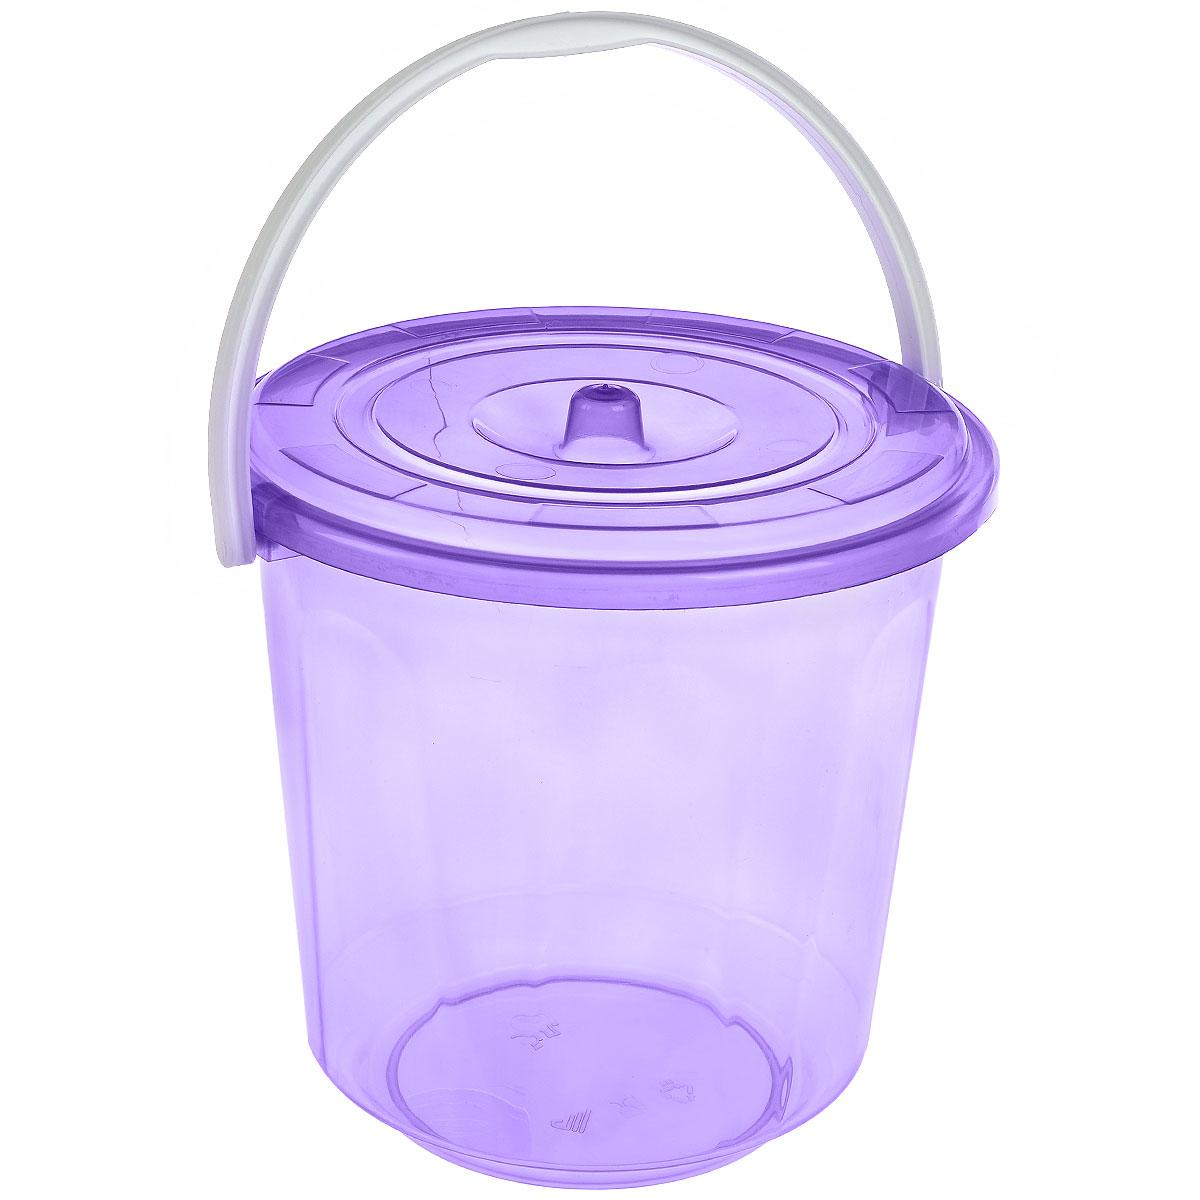 Ведро Альтернатива Хозяюшка, с крышкой, цвет: фиолетовый, 5 лМ1178_фиолетовыйКруглое ведро Альтернатива Хозяюшка изготовлено из высококачественного пластика. Оно легче железного и не подвержено коррозии. Ведро оснащено удобной пластиковой ручкой и плотно прилегающей крышкой.Такое ведро станет незаменимым помощником в хозяйстве.Диаметр (по верхнему краю): 21 см.Высота (без учета крышки): 21 см.